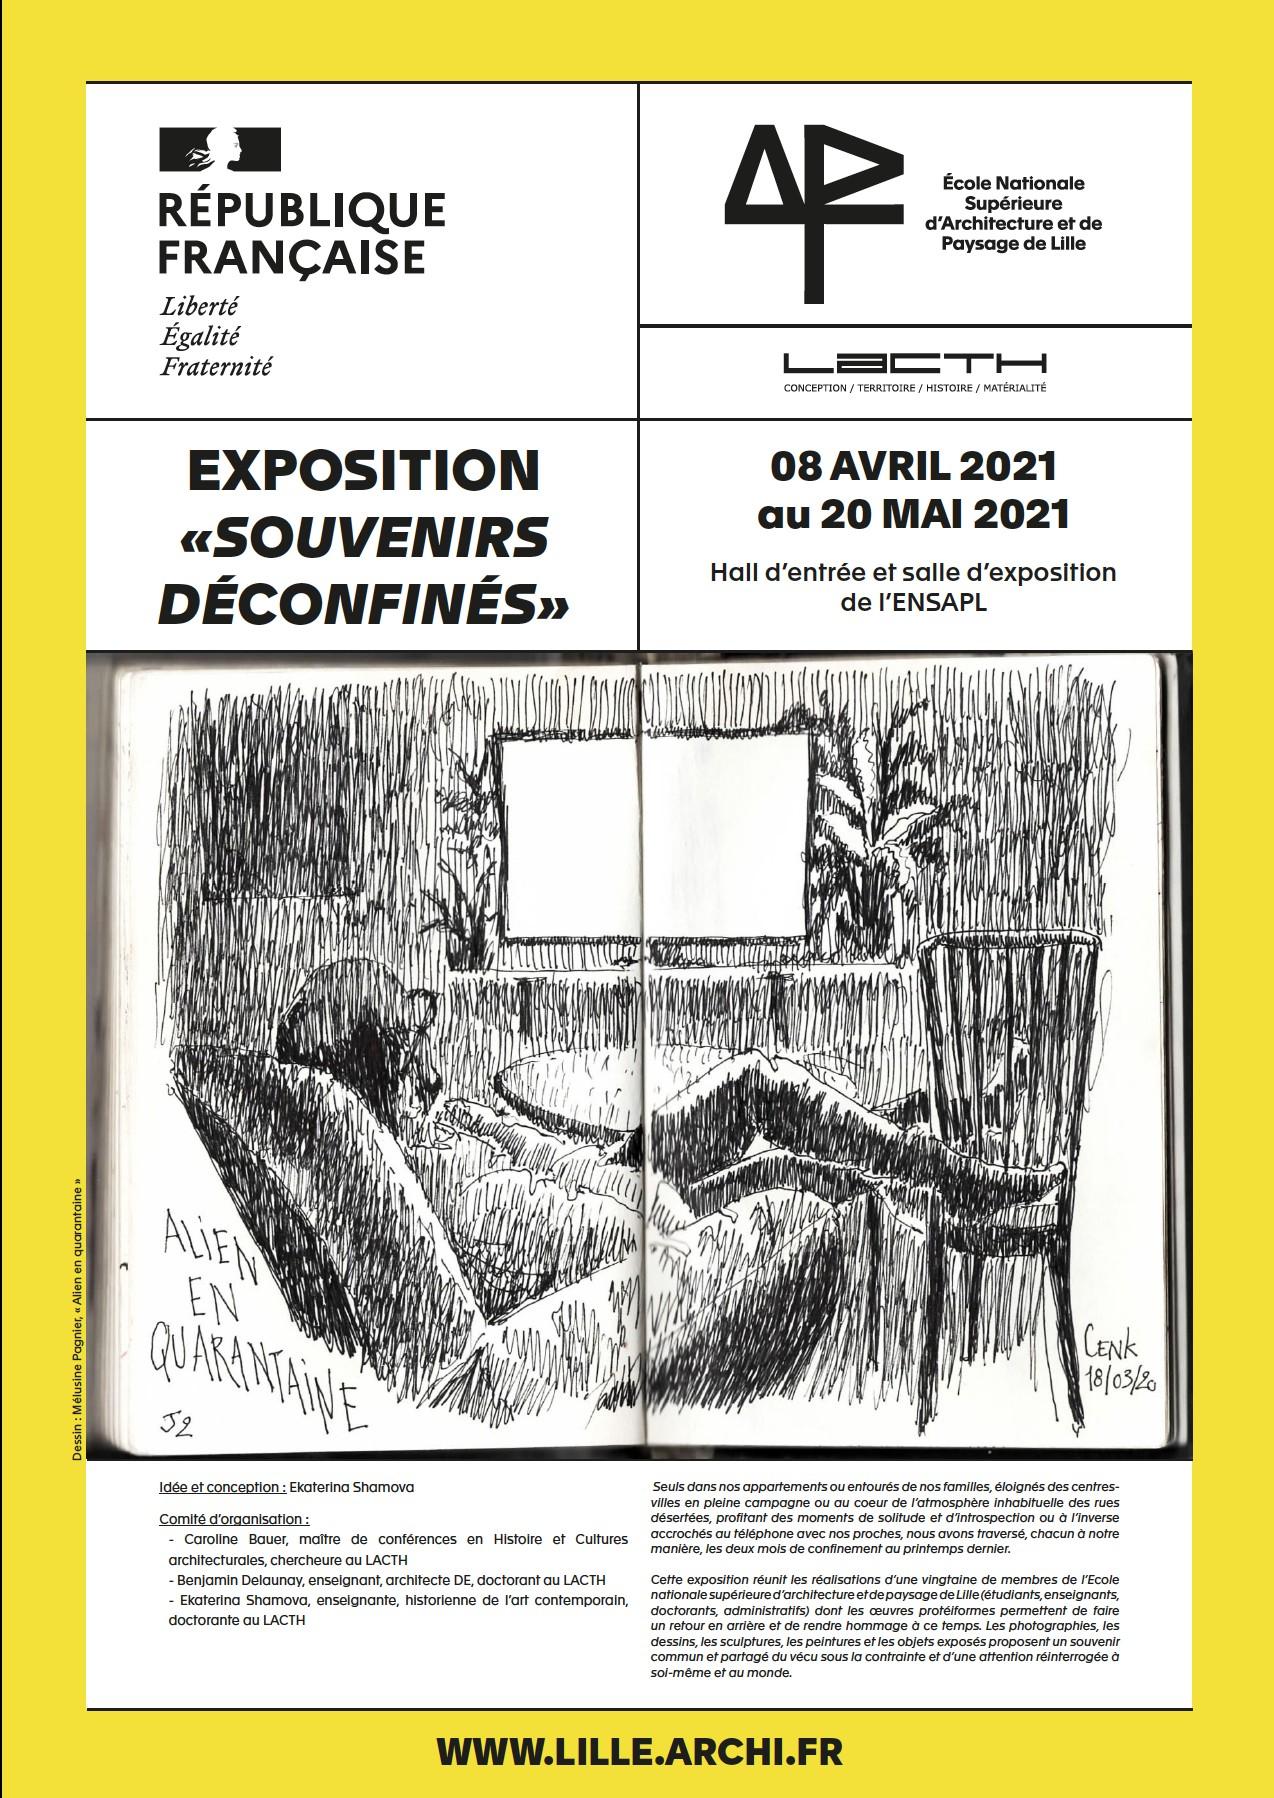 Exposition : souvenirs déconfinés